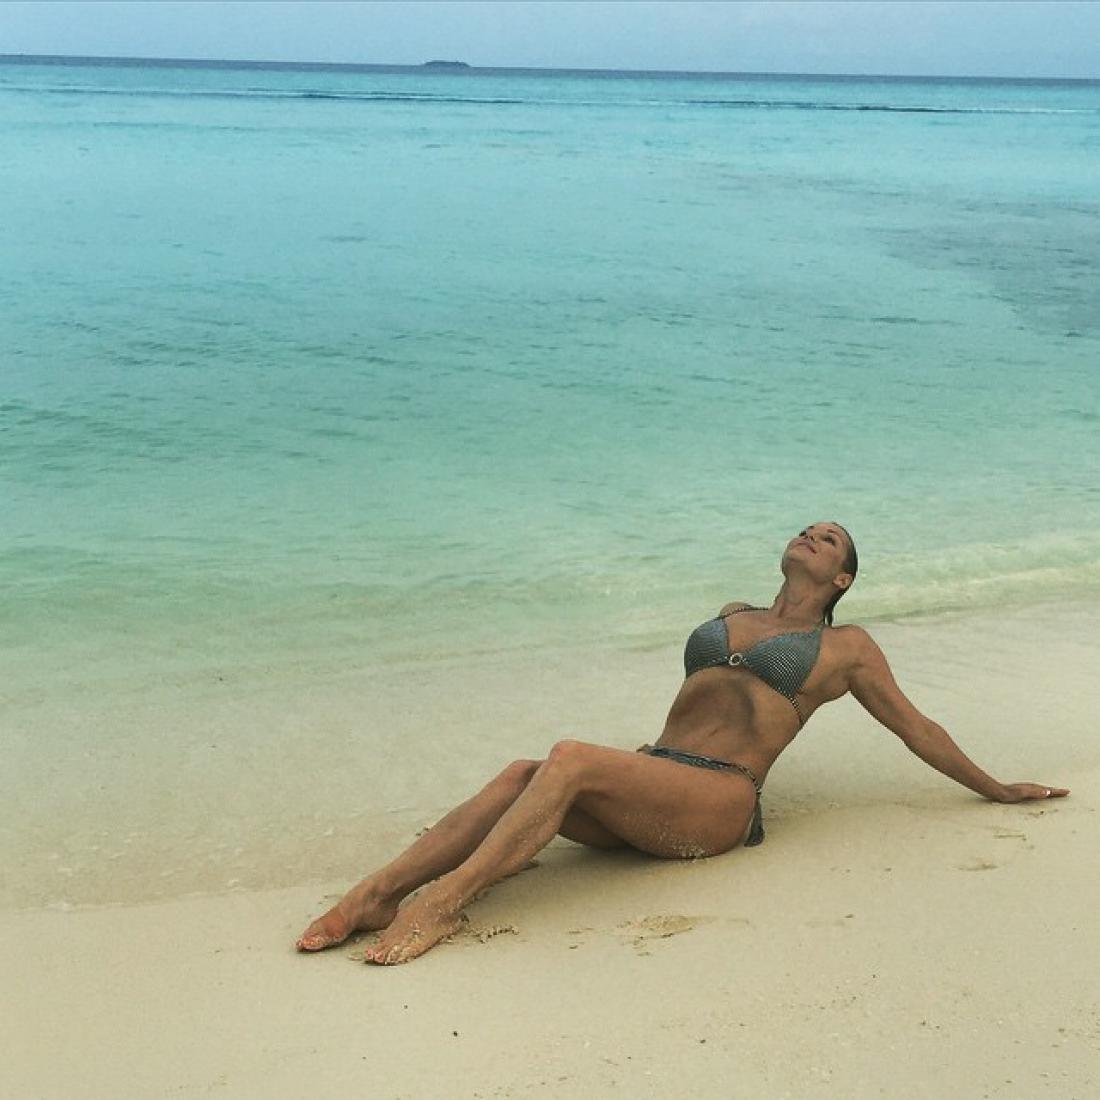 волнуйся, она и этих звезд называют эталоном красоты голая правда прямо с пляжа материалы, которые